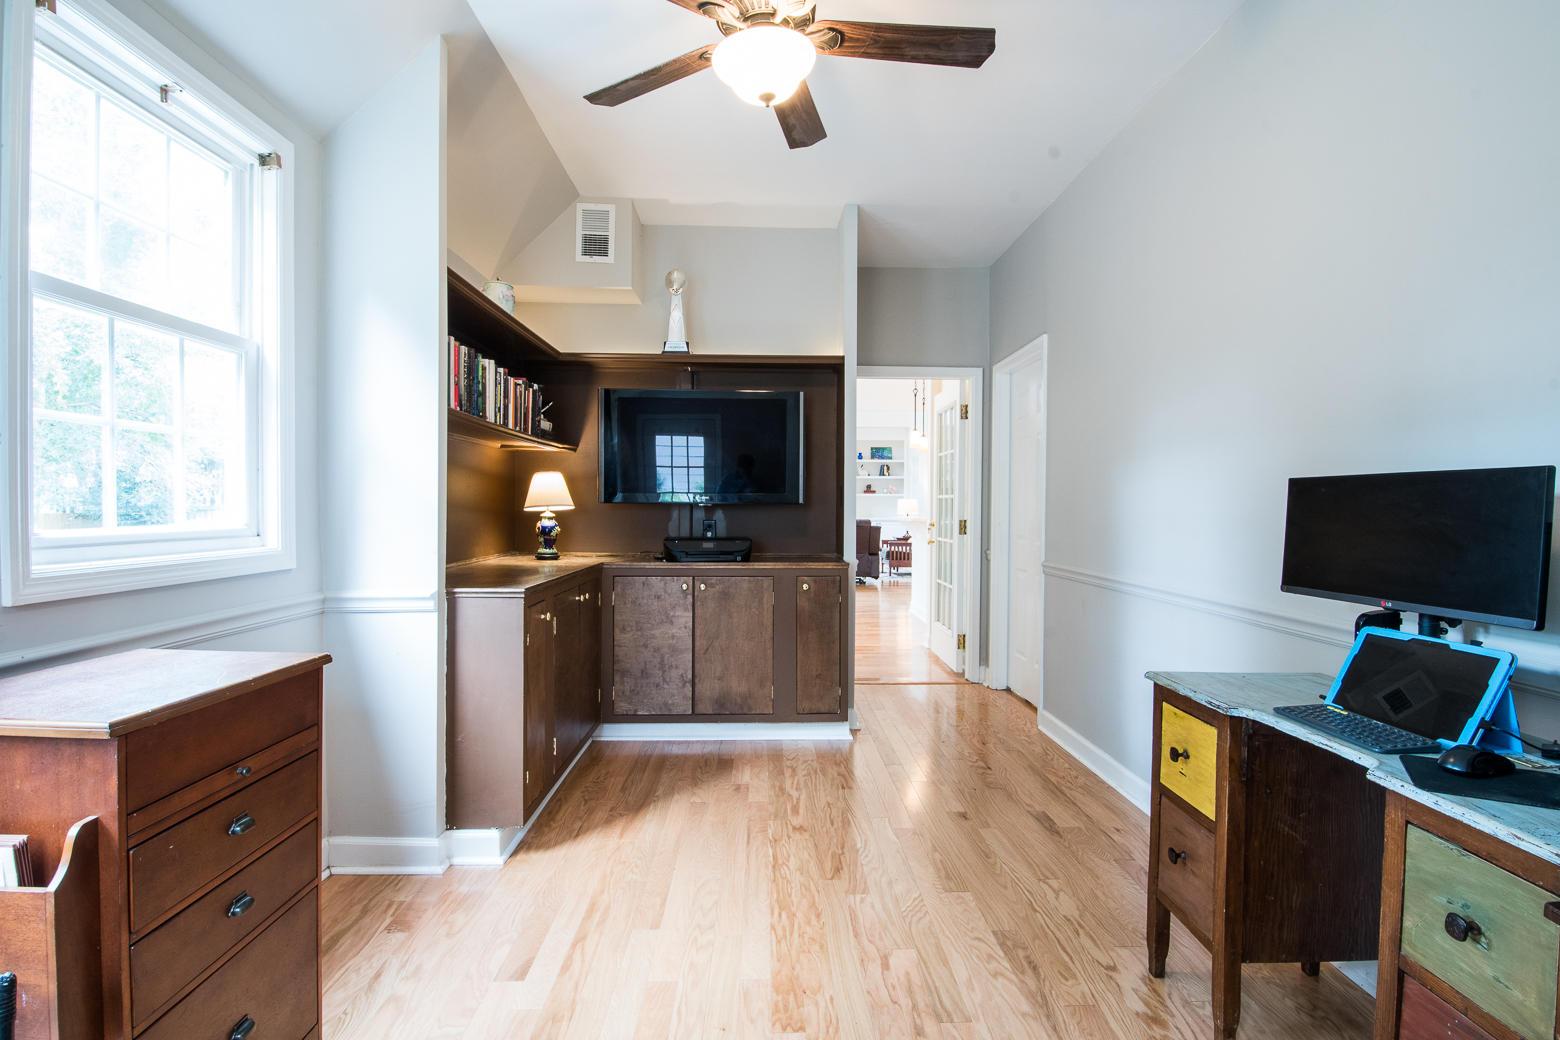 Dunes West Homes For Sale - 1111 Black Rush, Mount Pleasant, SC - 33